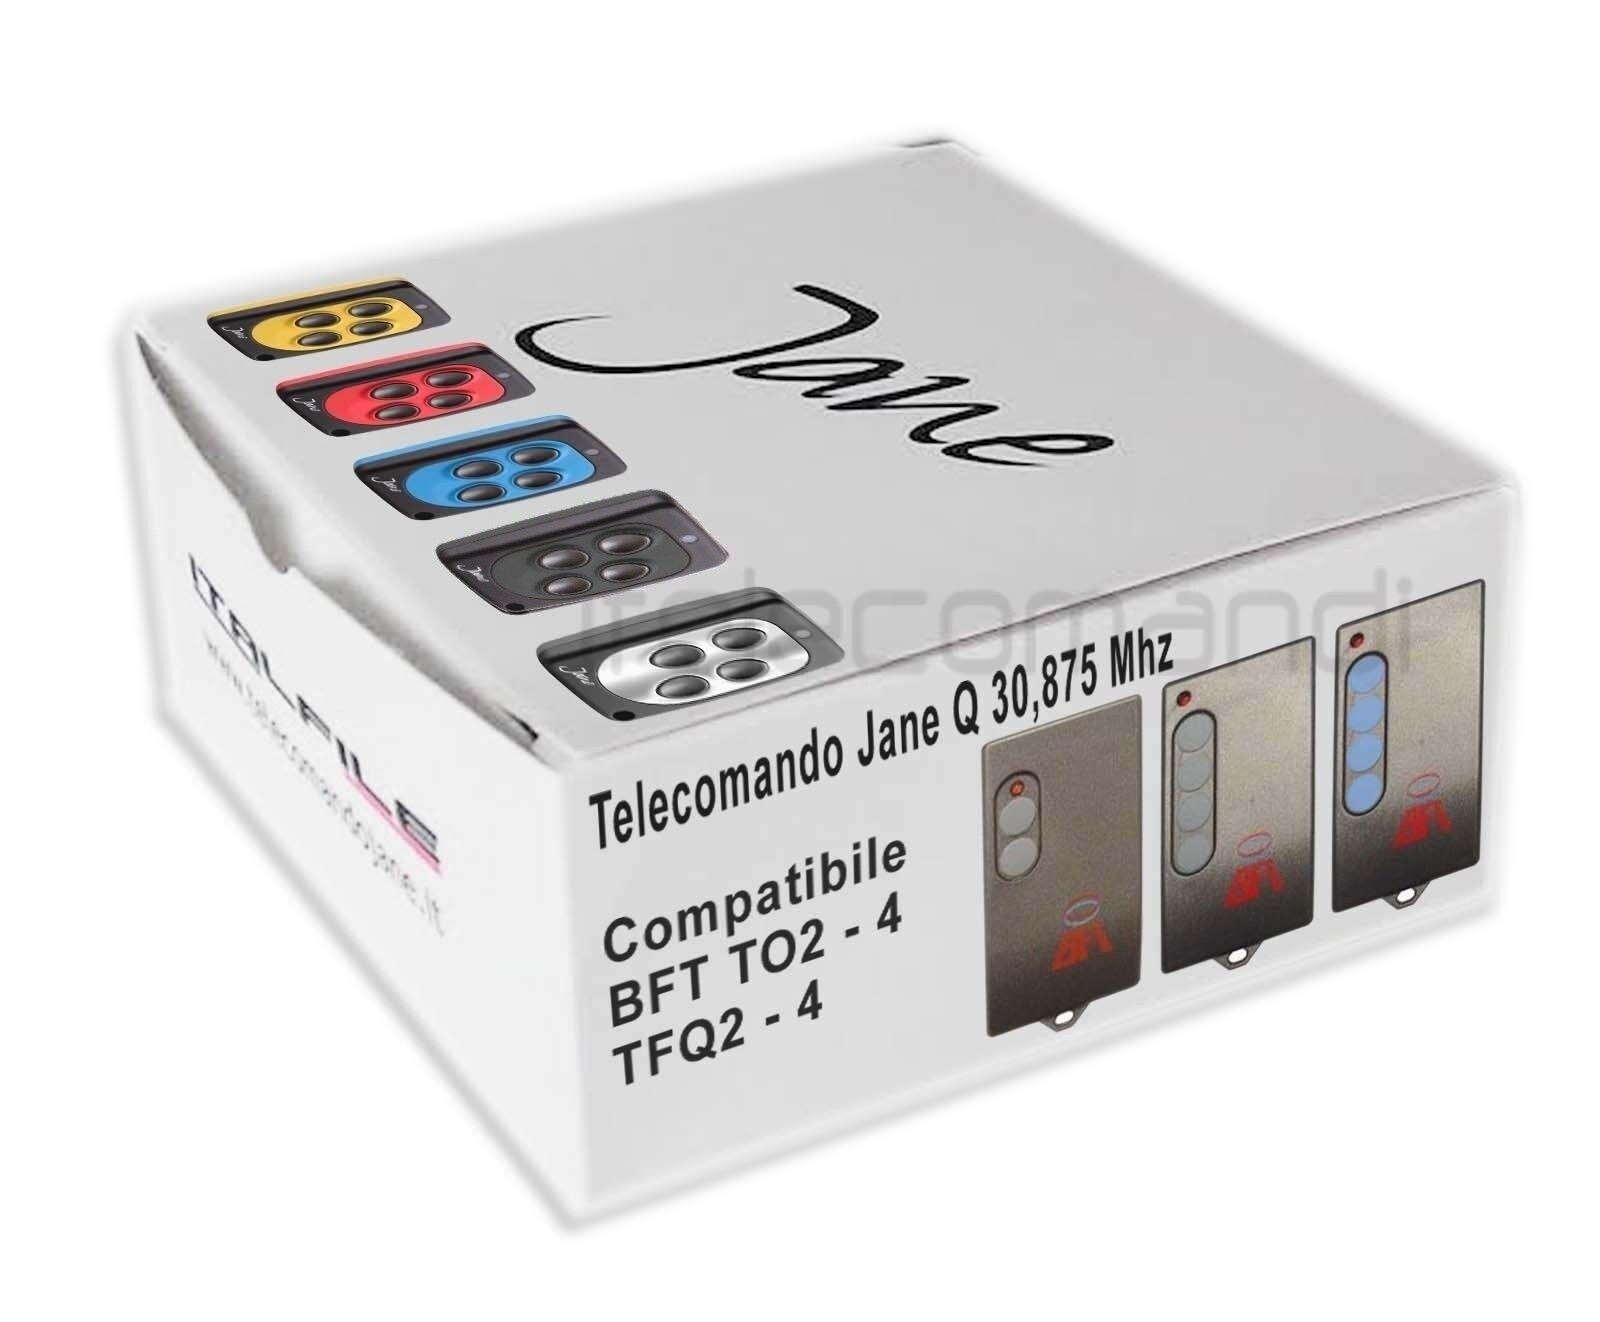 Télécommande - radio Jane compatible BFT TO2 - Télécommande TO4 - T04 - T02 30,875 Mhz ca131e